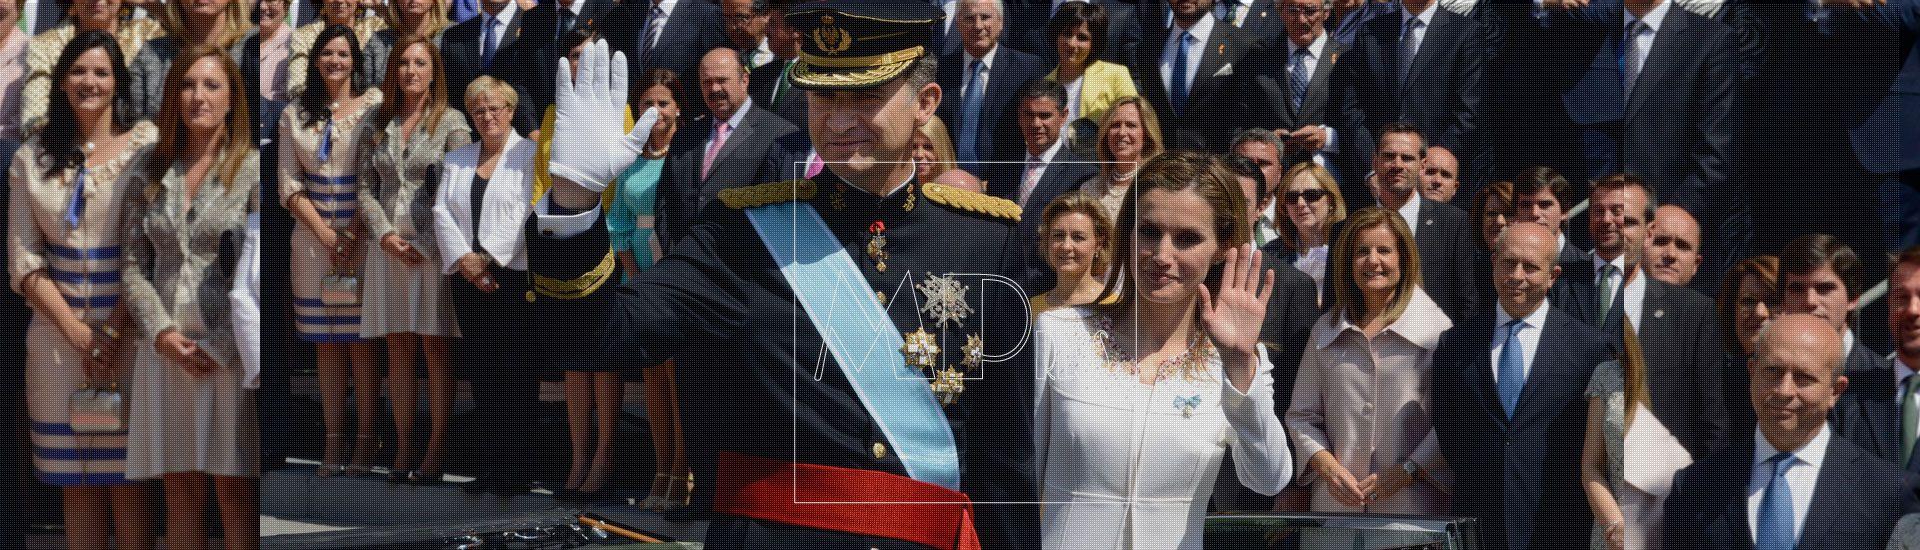 Felipe-VI-Y-Letizia-Ortiz-mondelopress